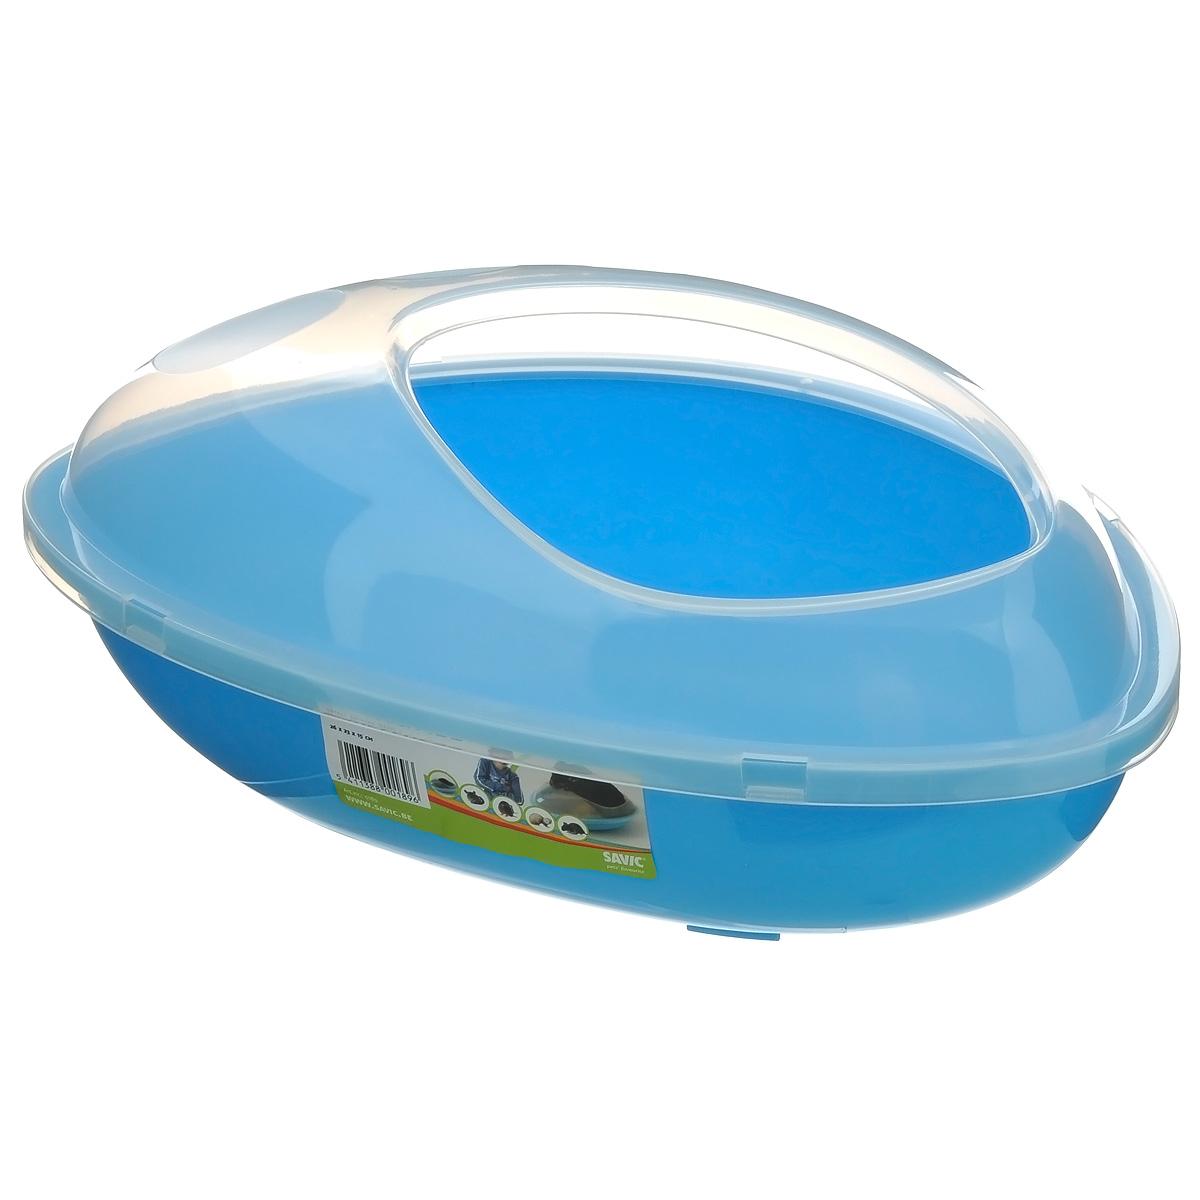 Купалка для шиншилл Savik, цвет: голубой, 35 х 23 х 15 см15461Купалка для шиншилл Savik очень удобный аксессуар для купания мелких домашних животных, таких как крысы, мыши, шиншиллы, хорьки. Купалка представляет собой емкость с небольшим отверстием.